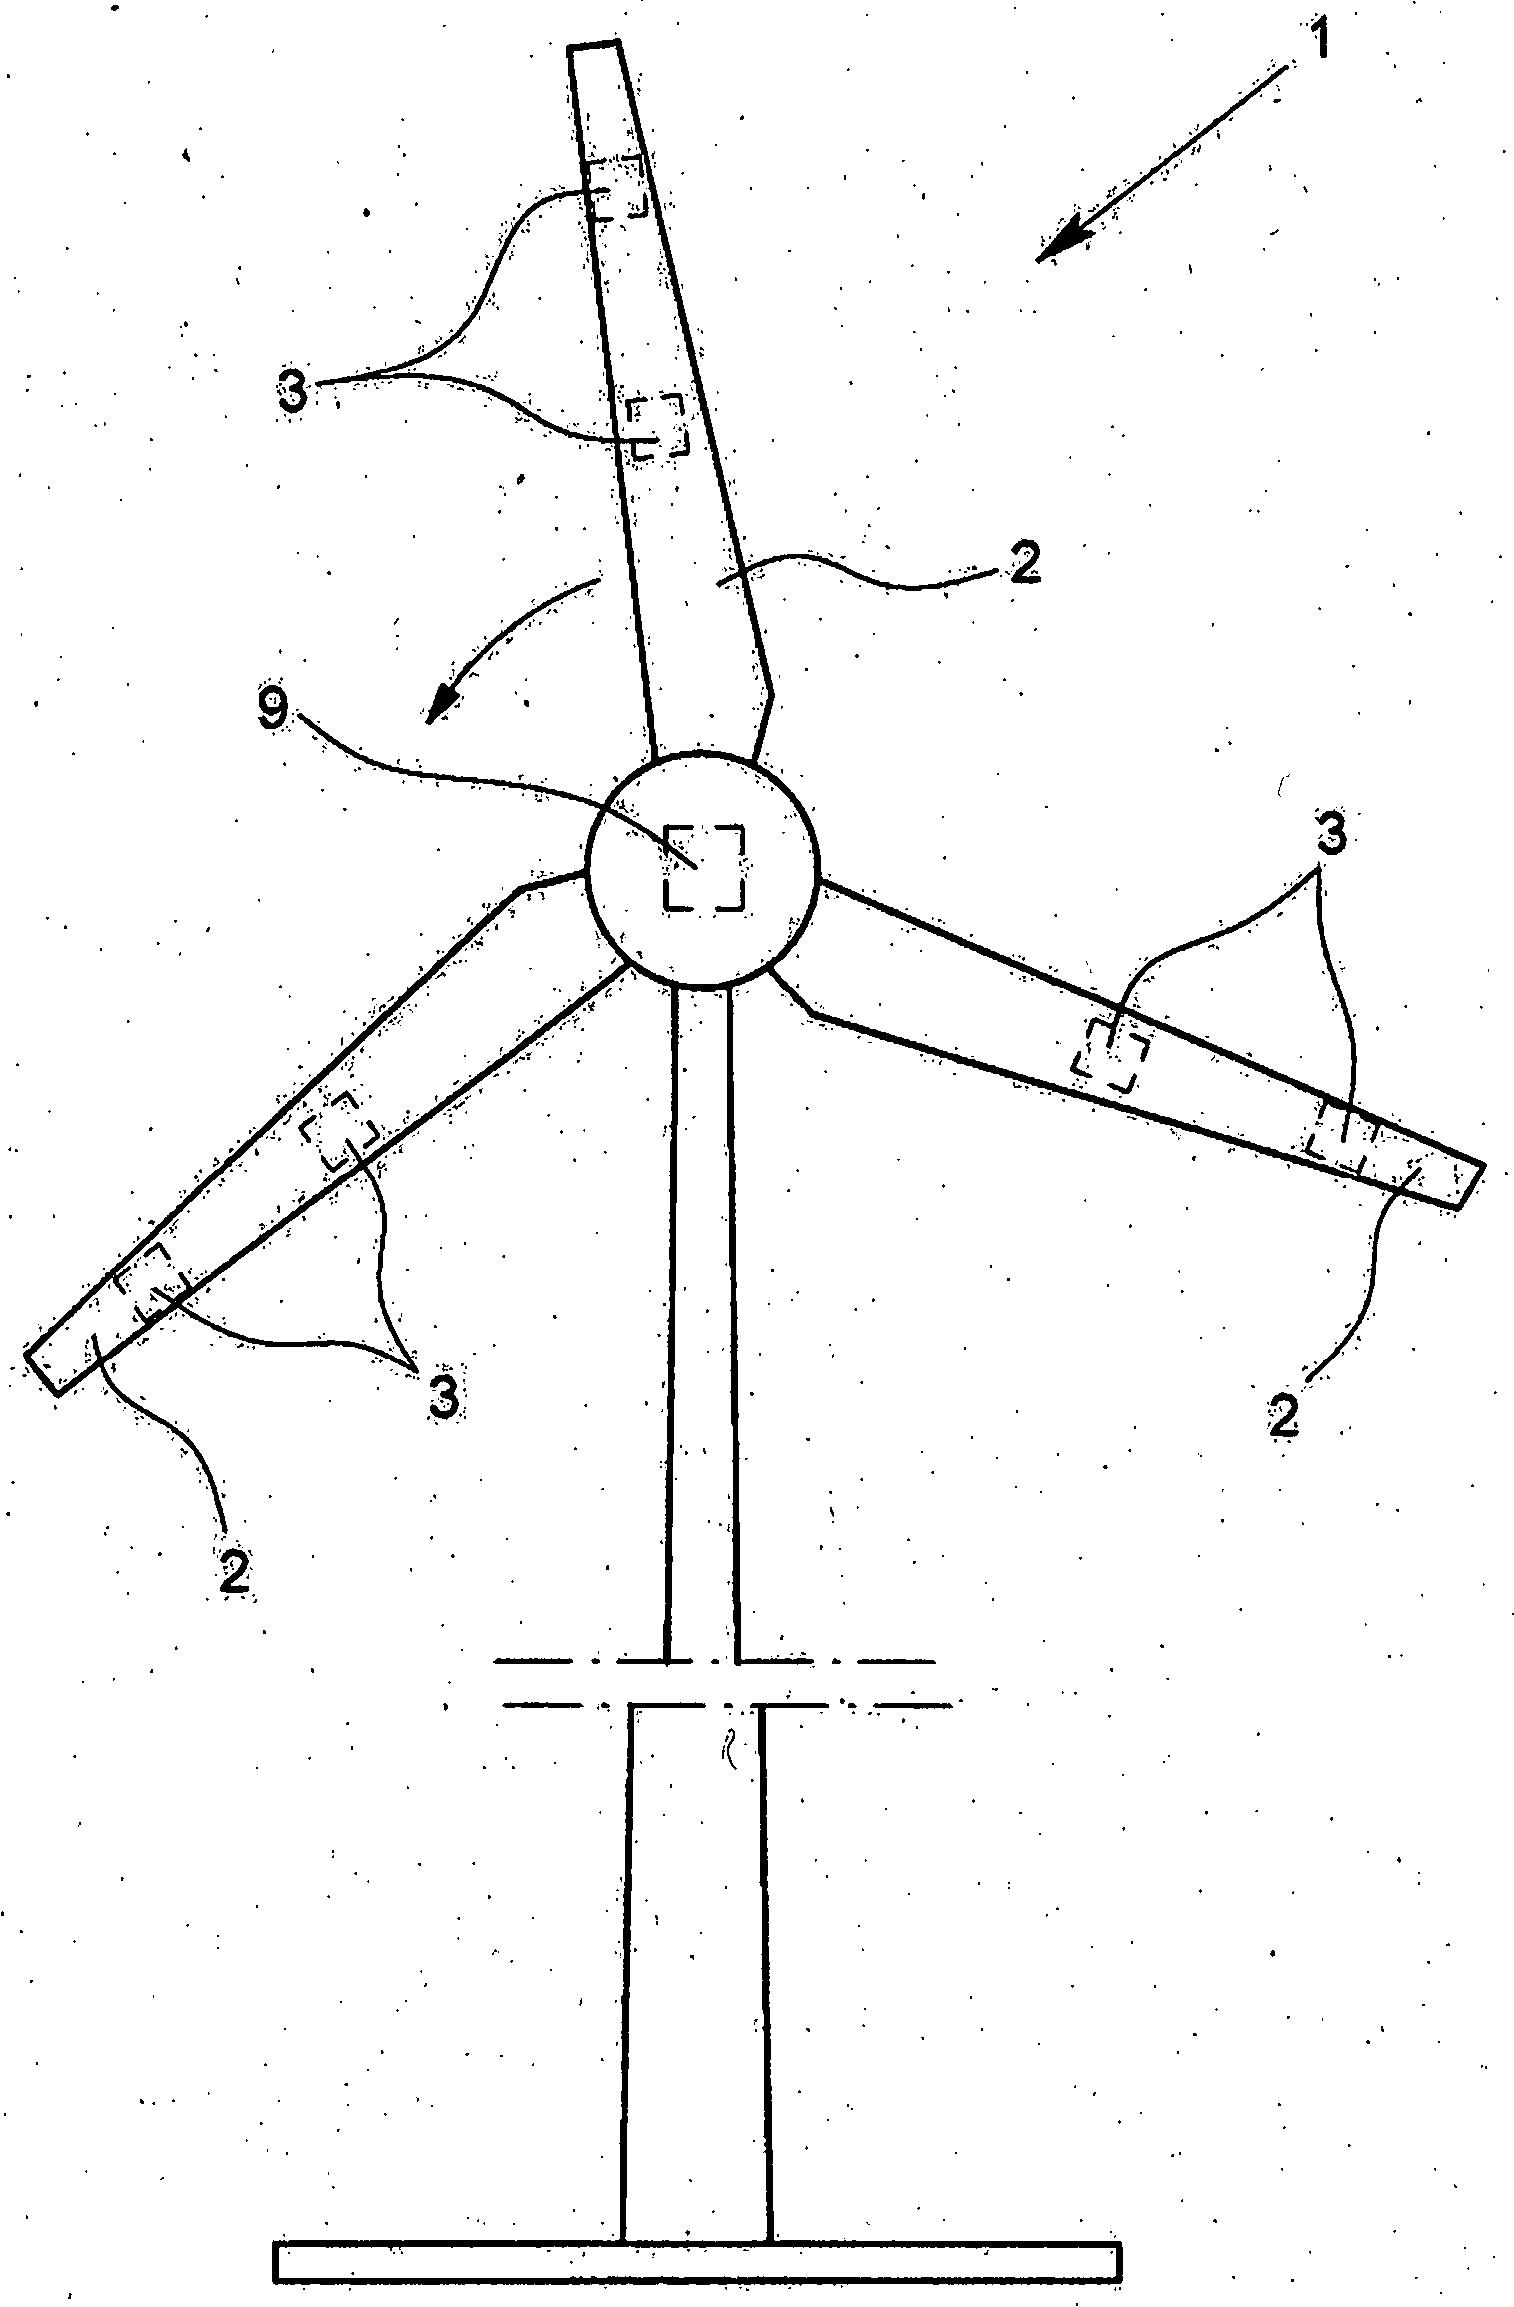 Figure DE102012013361B4_0000